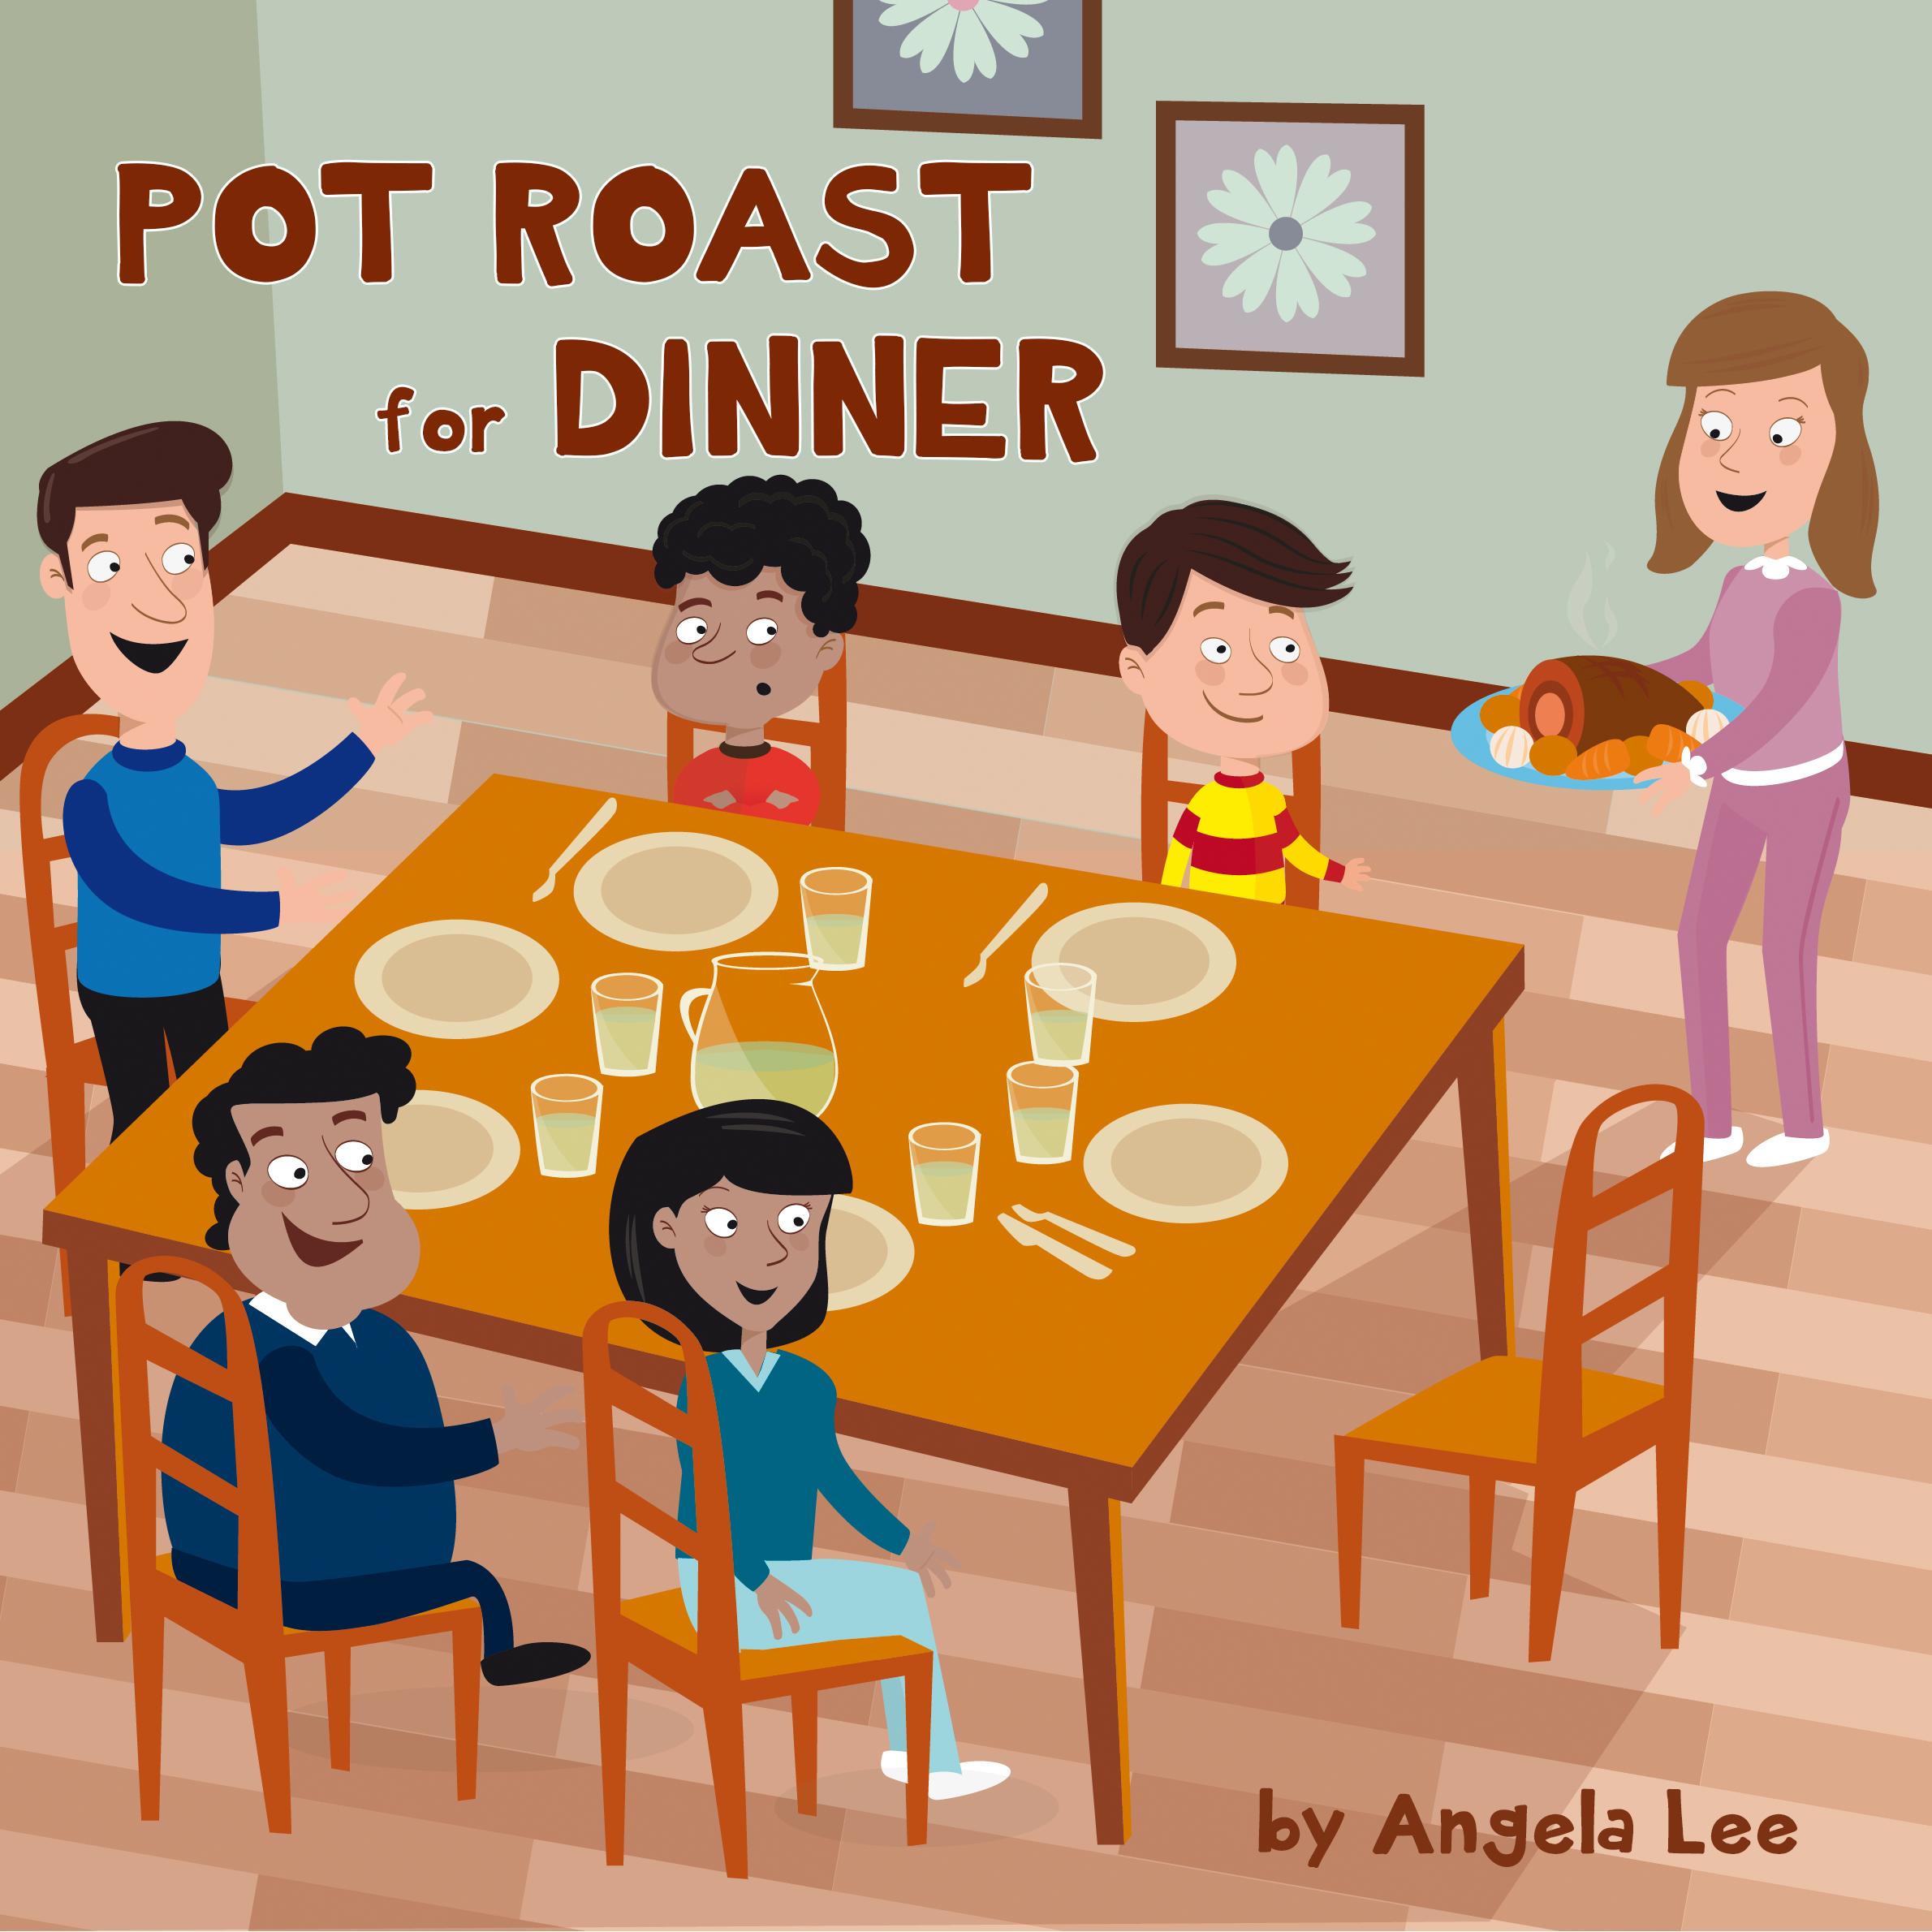 Pot Roast for Dinner